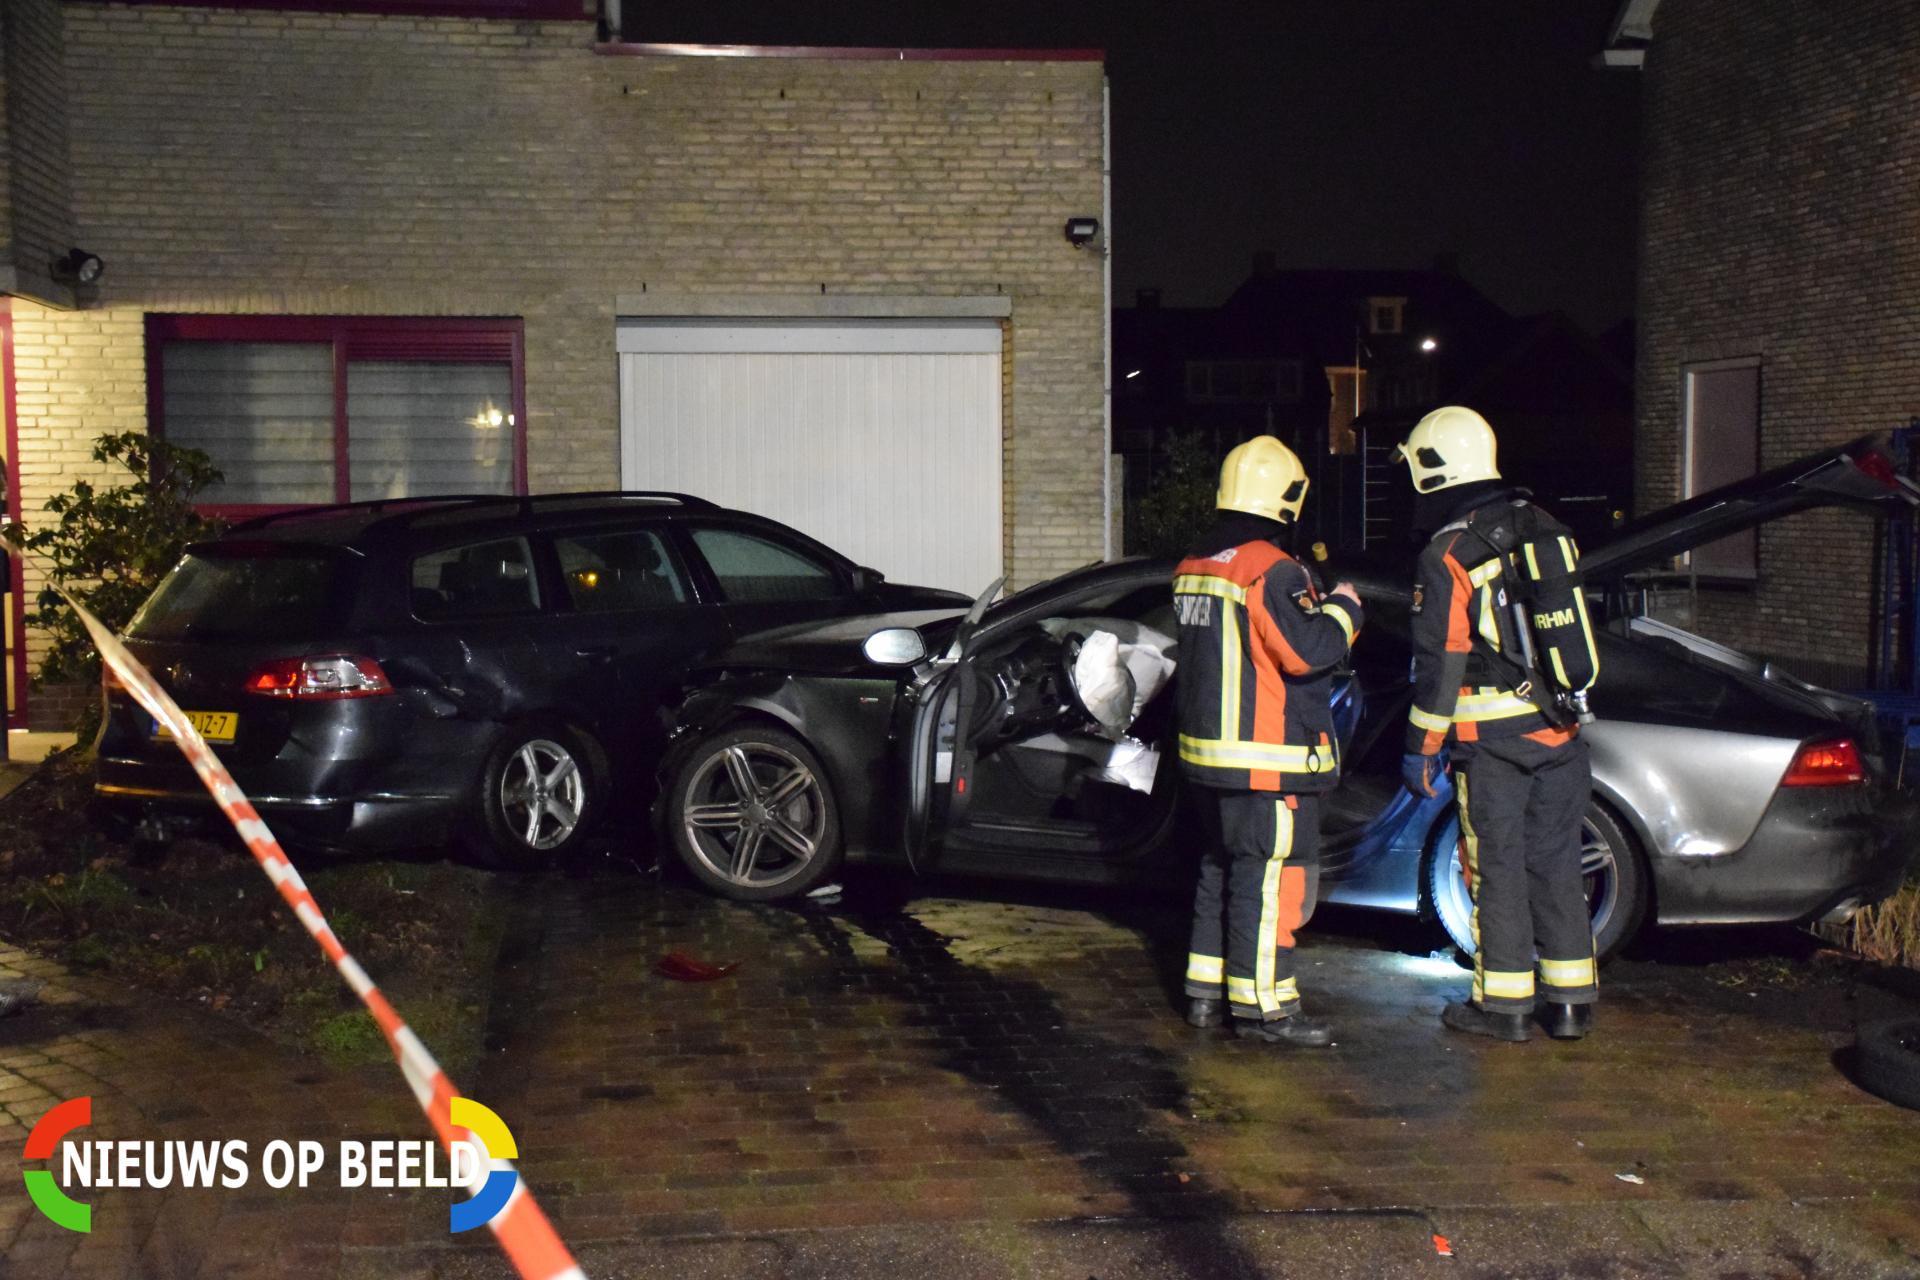 Bestuurder dure auto vlucht na eenzijdig ongeval Noordzijde – N458 Bodegraven